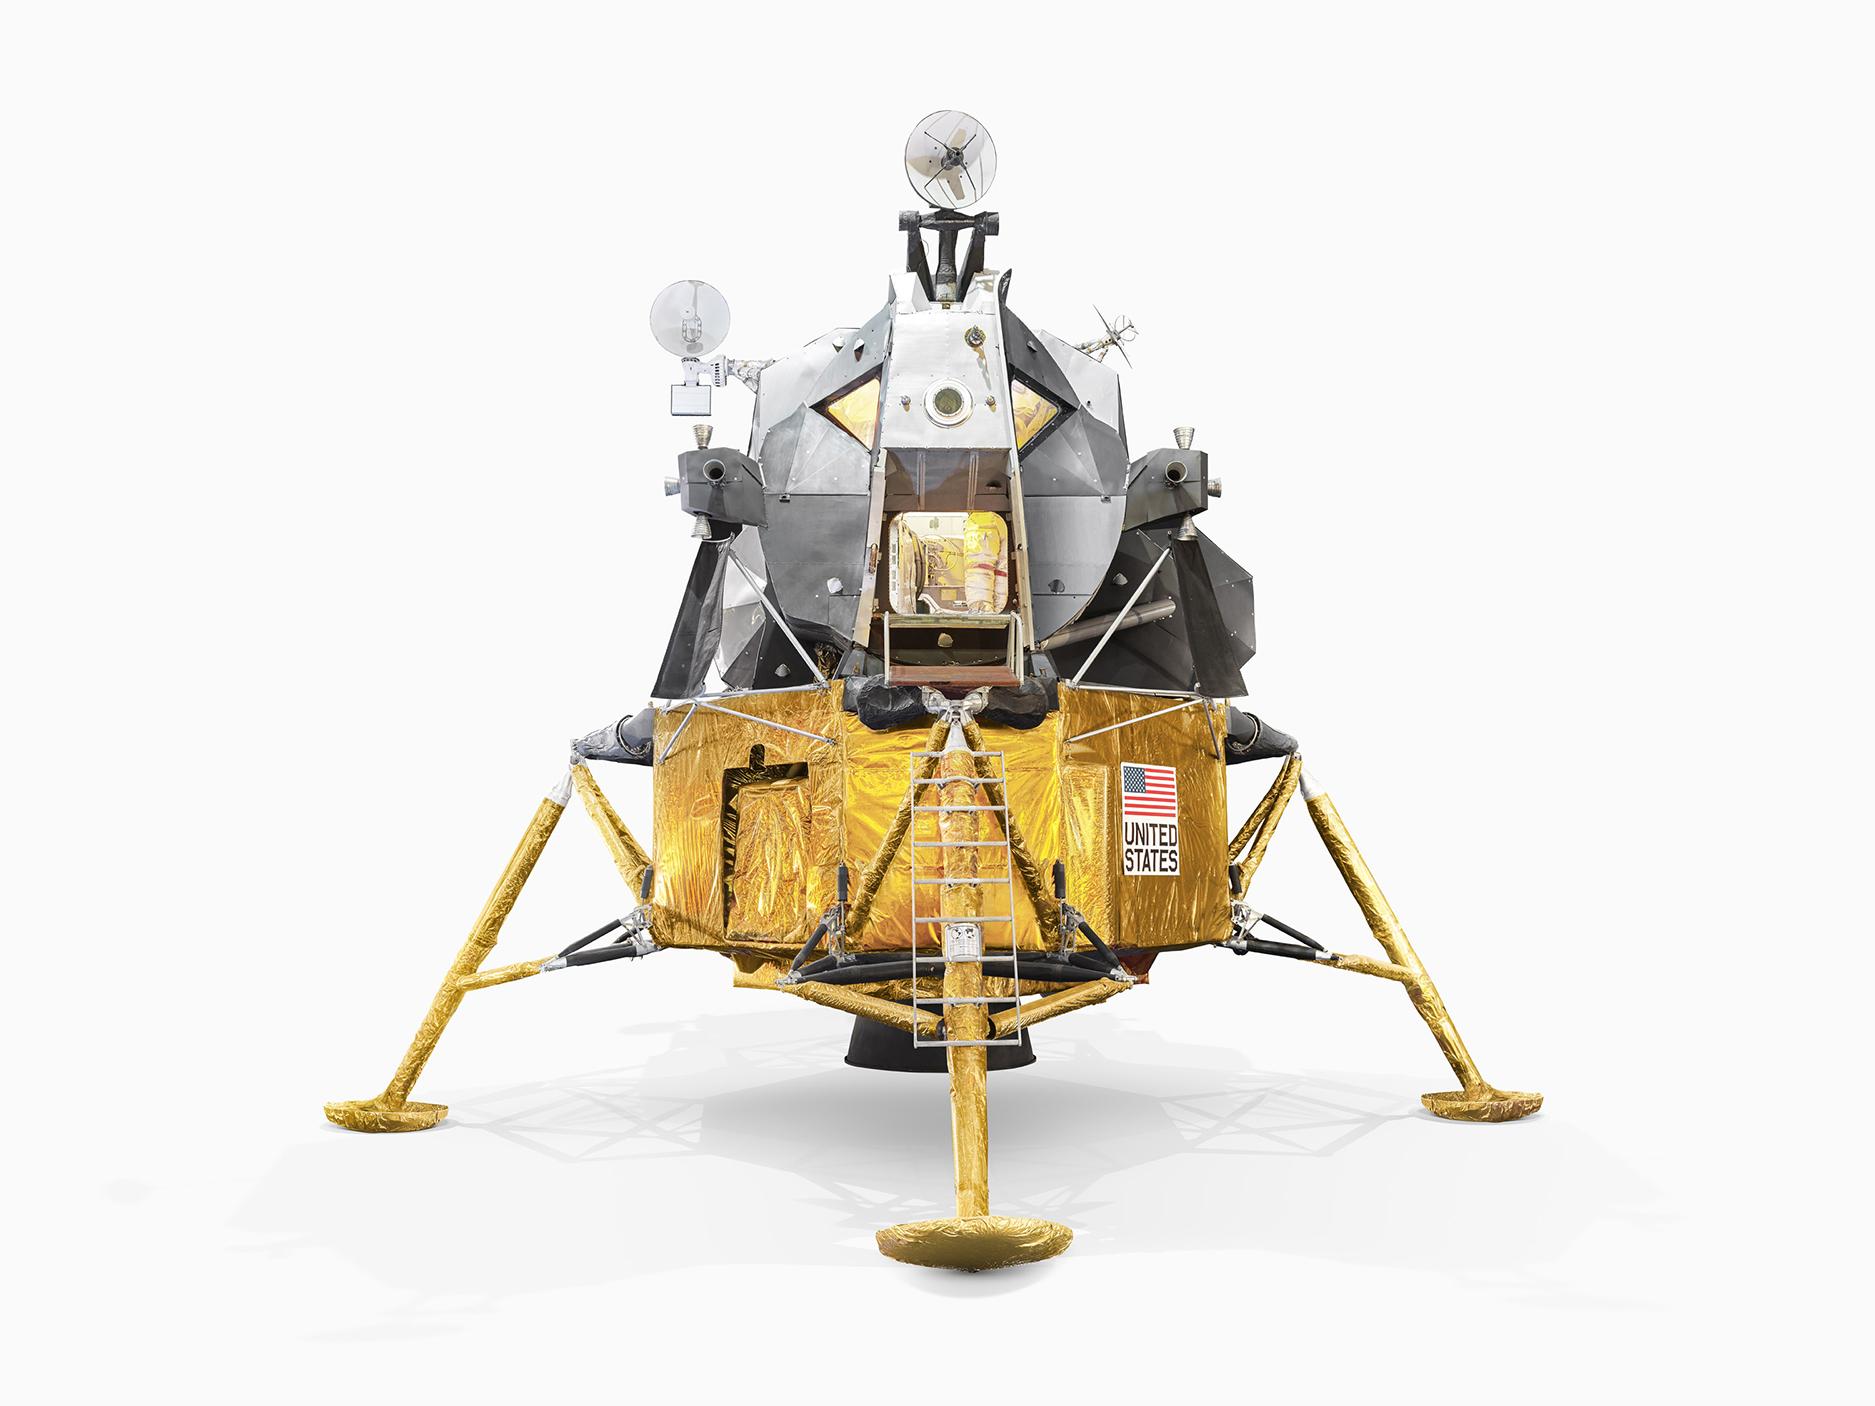 LUNAT TEST ARTICLE 8 (LTA8) - SPACE CENTRE HOUSTON.jpg